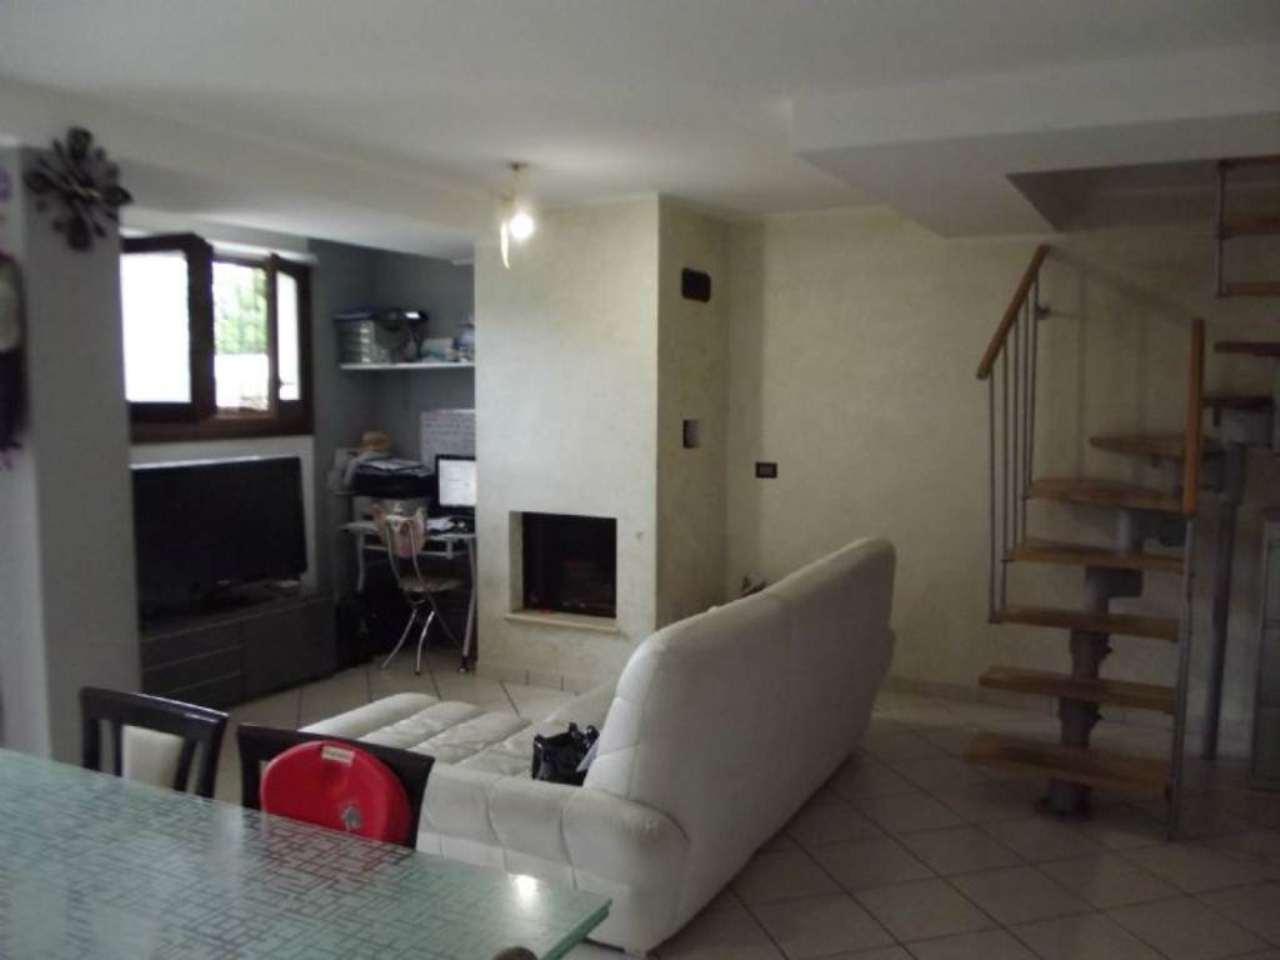 Appartamento in vendita a Tortoreto, 4 locali, prezzo € 100.000 | Cambio Casa.it